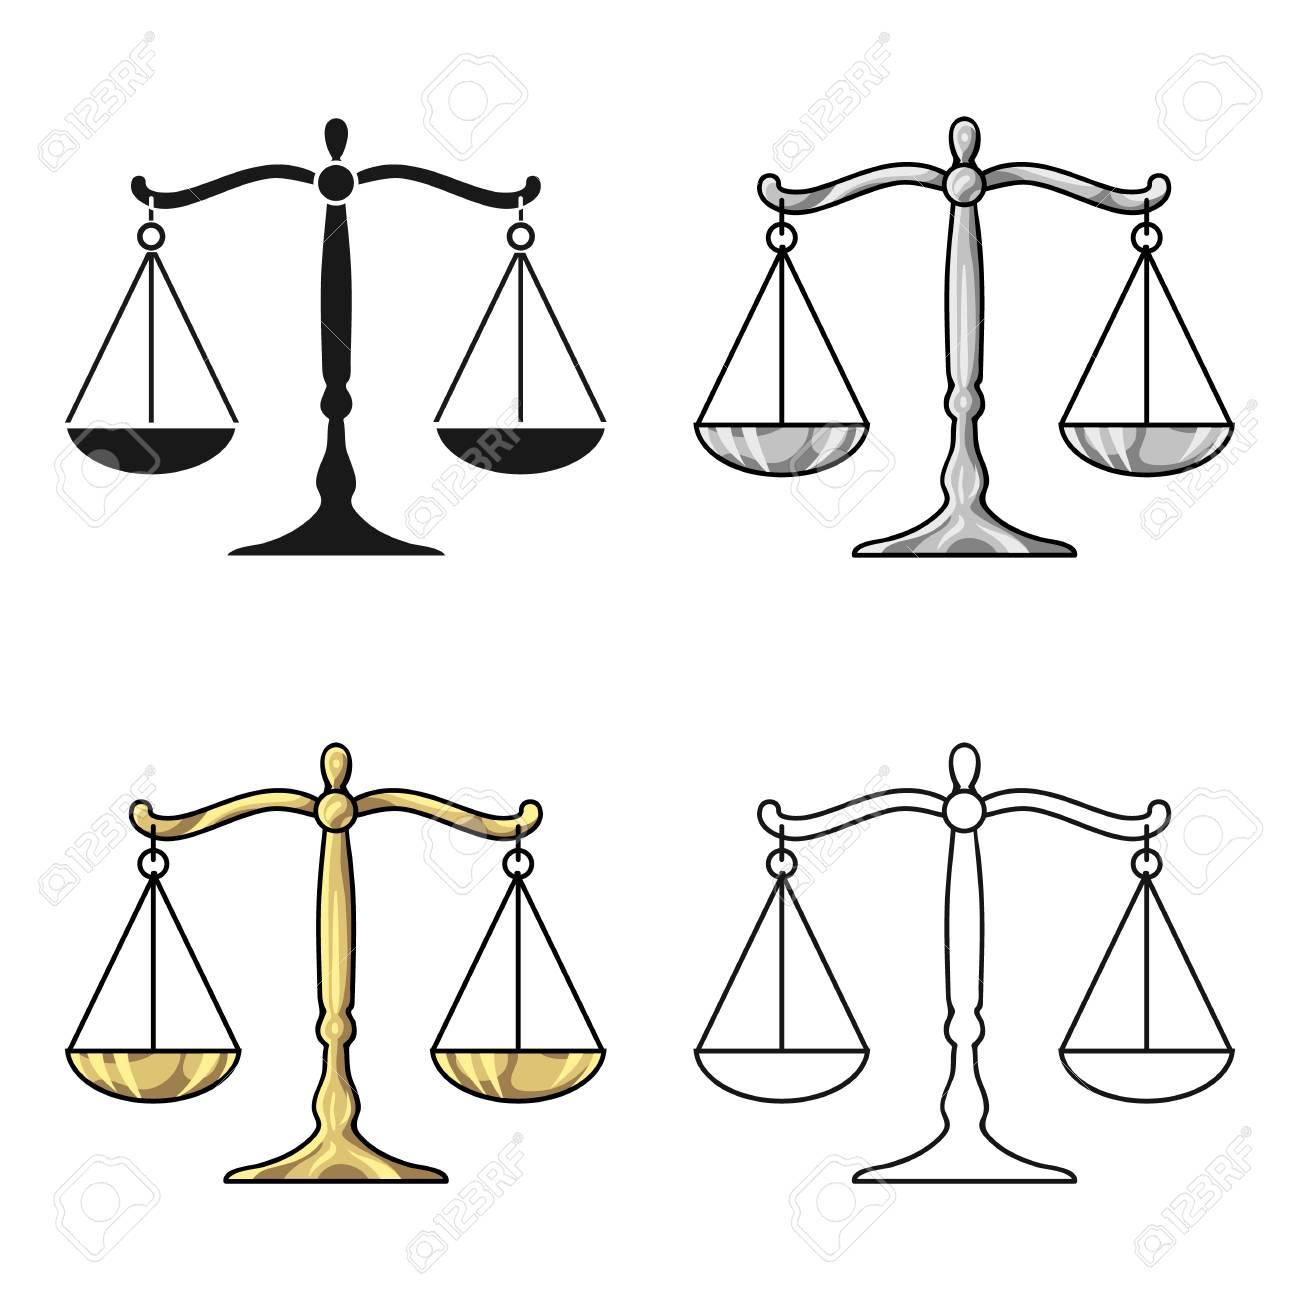 Icona Della Bilancia Della Giustizia Nello Stile Del Fumetto Isolato